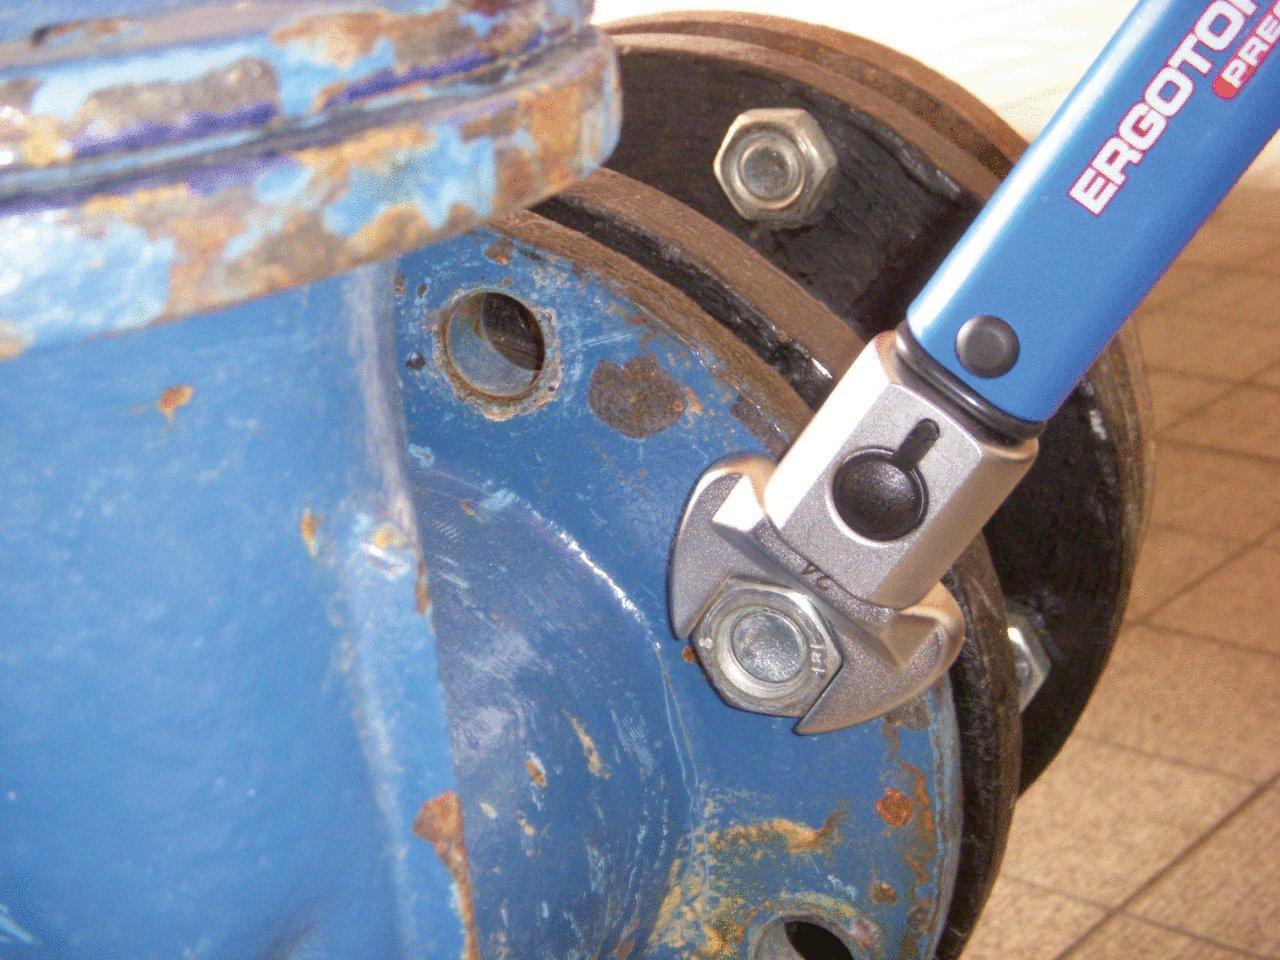 KS Tools 516.2110 Cabeza de boca abierta tama/ño: 9 x 12 mm 9x12mm